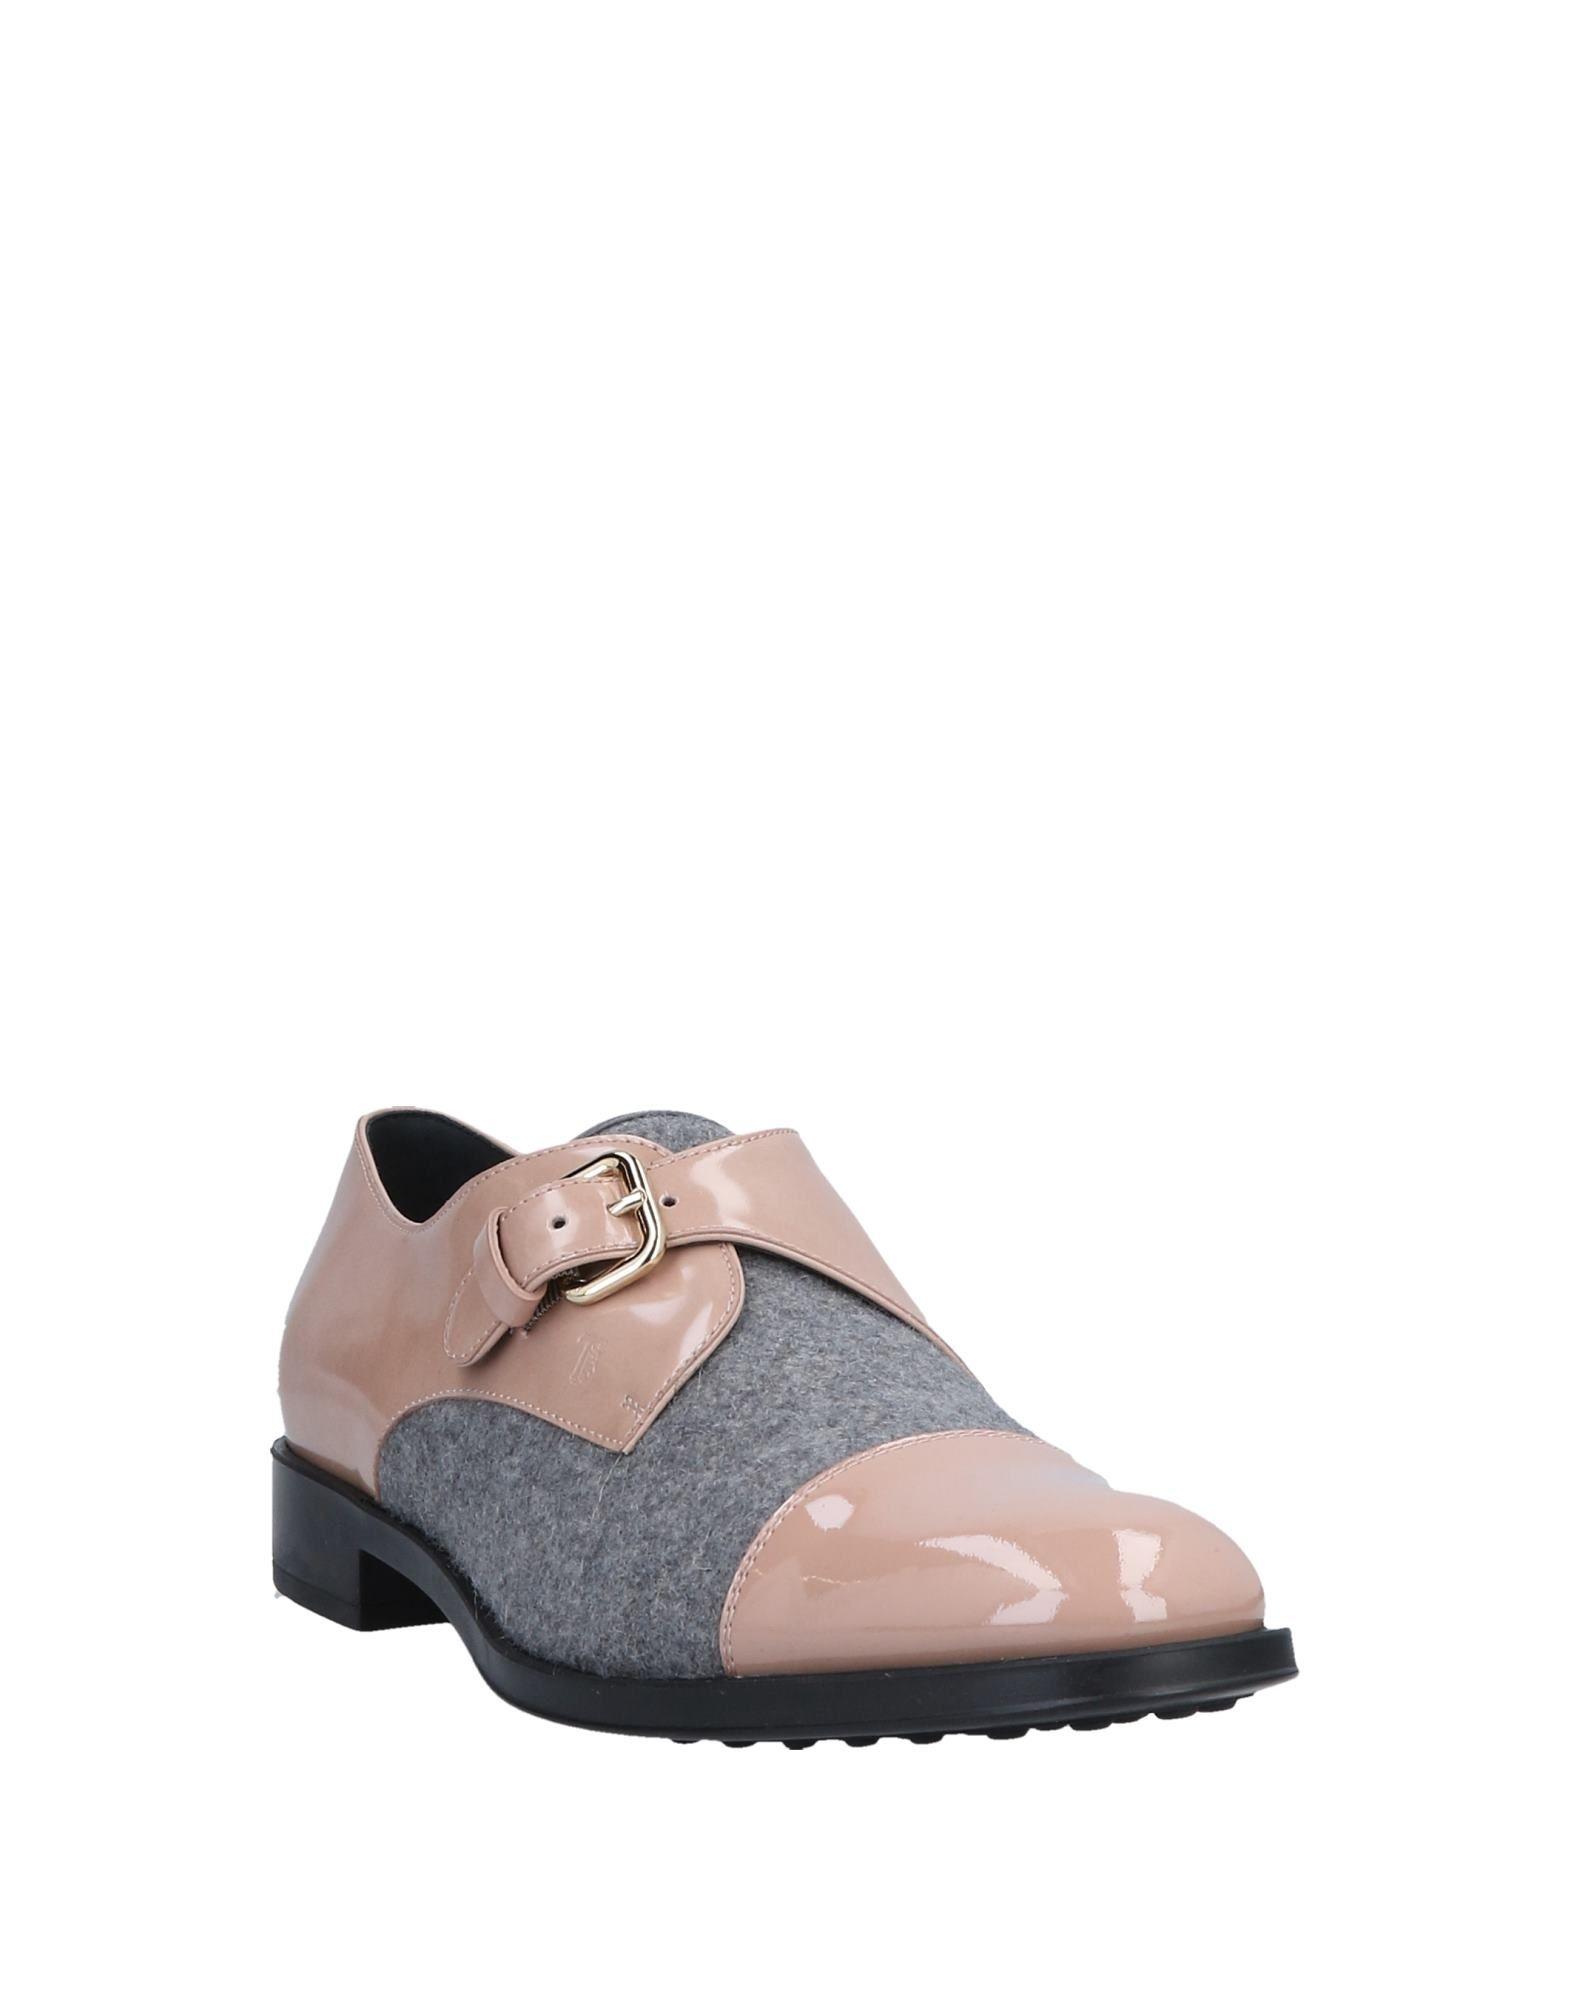 Rabatt  Schuhe Tod's Mokassins Damen  Rabatt 11299651HB a3e004